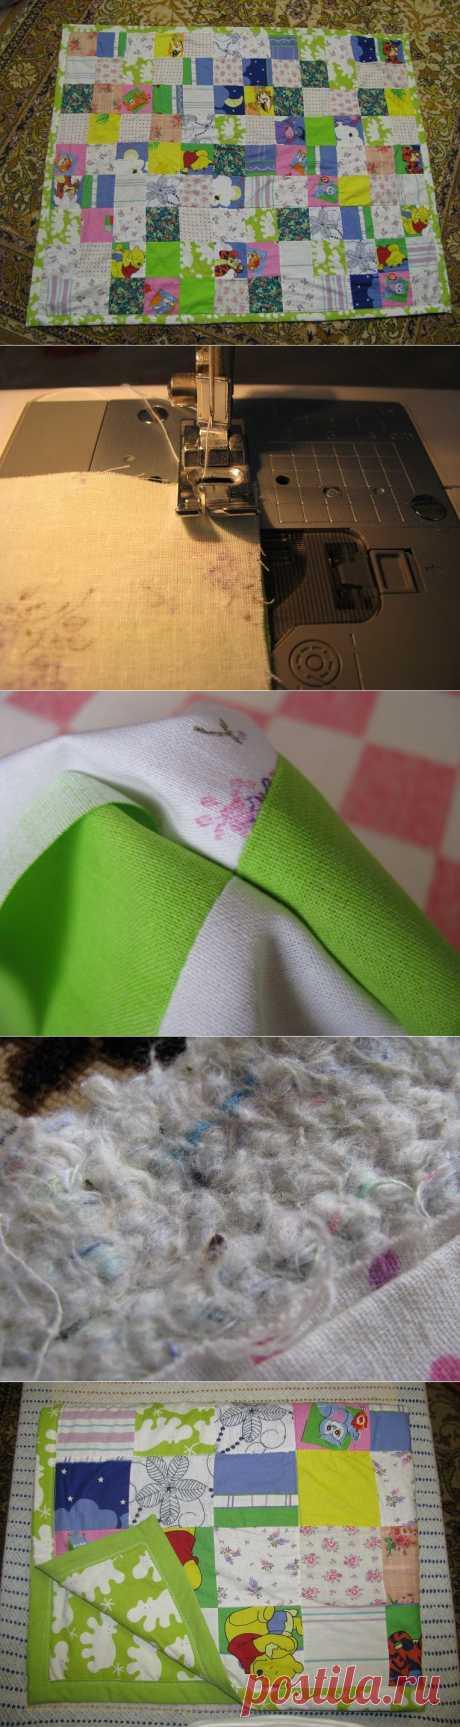 Зимние дачные забавы: шьем лоскутное одеяло.  С чего начать пошив лоскутного одеяла?  Как и положено, с планирования и расчетов. Ни о каких сложных узорах, естественно, речи быть не могло. В работу был принят самый простой вариант – из квадратов. Здесь трудно ошибиться в расчетах: если одеяло размером 200х220 см, то квадратов 10х10 см в ширину будет 20, в длину 22, всего деталей 440. Совет: начинать шитье проще из крупных деталей.